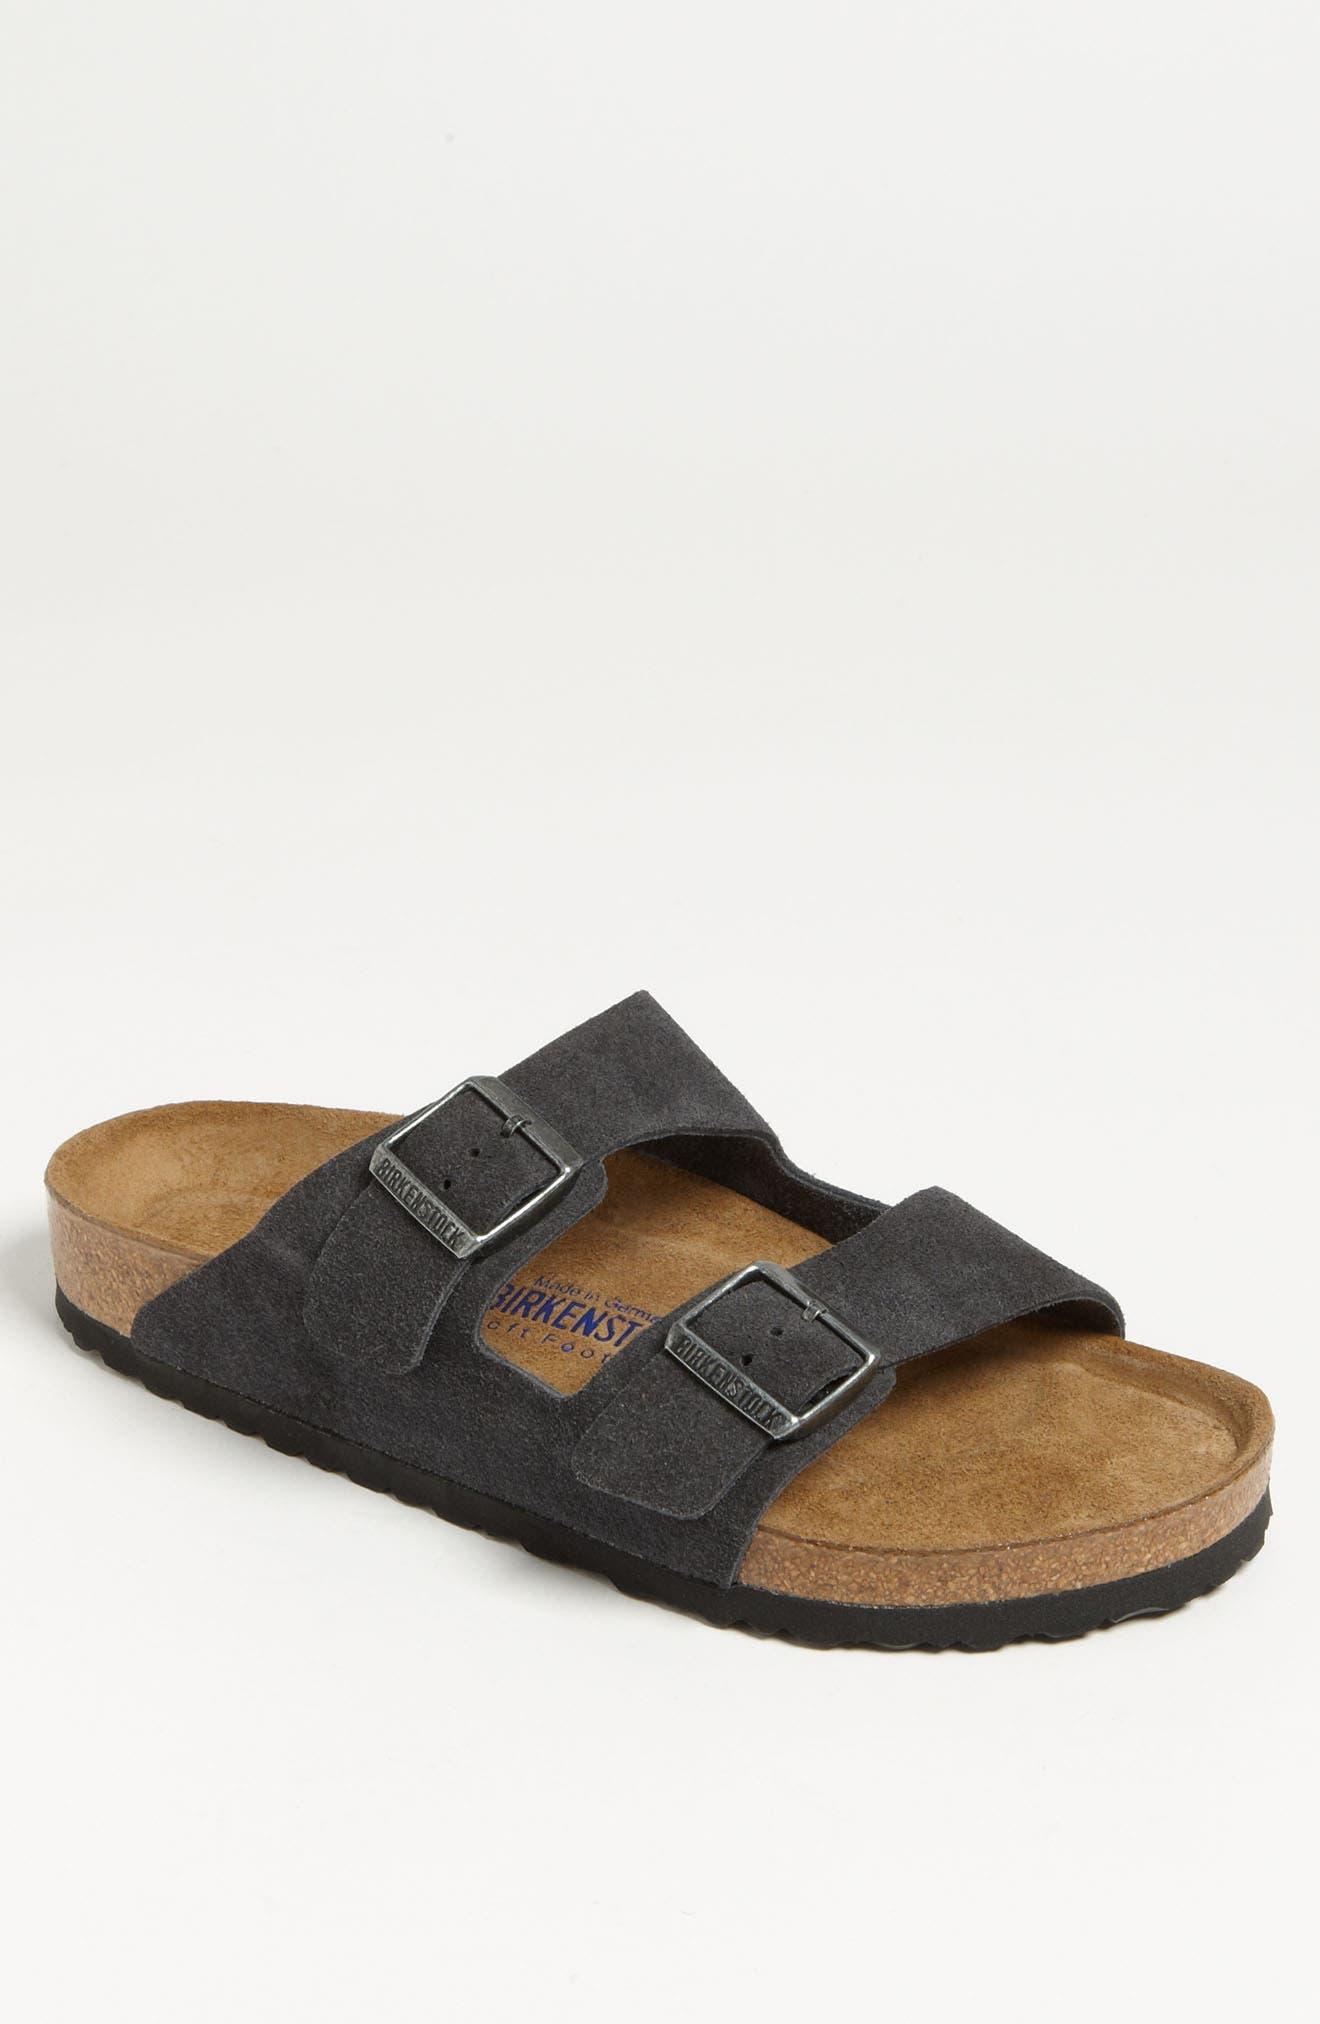 Arizona Soft Slide Sandal, Main, color, VELVET GRAY